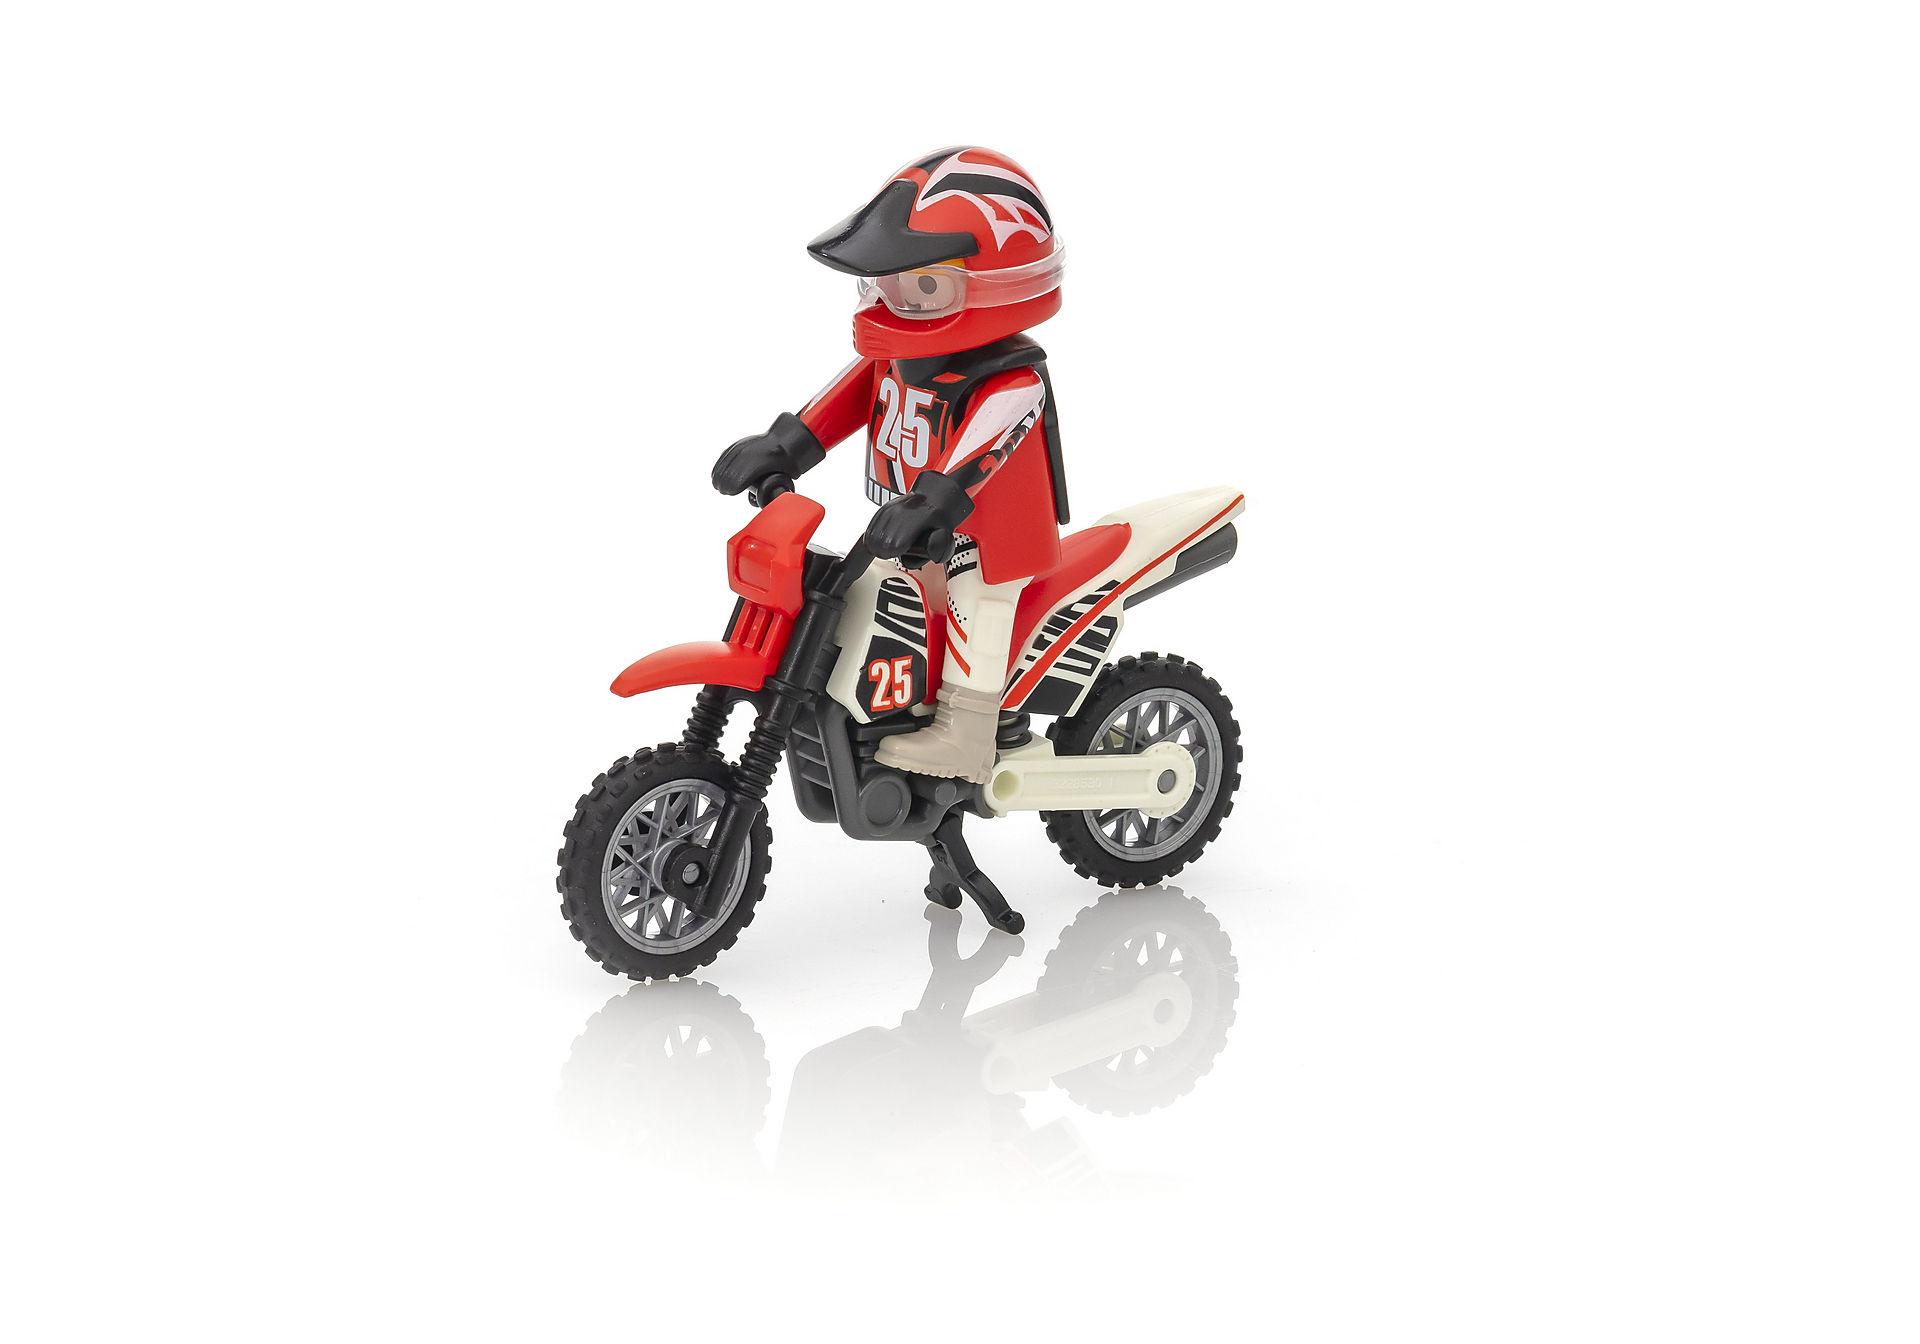 Campione Di Motocross 9357